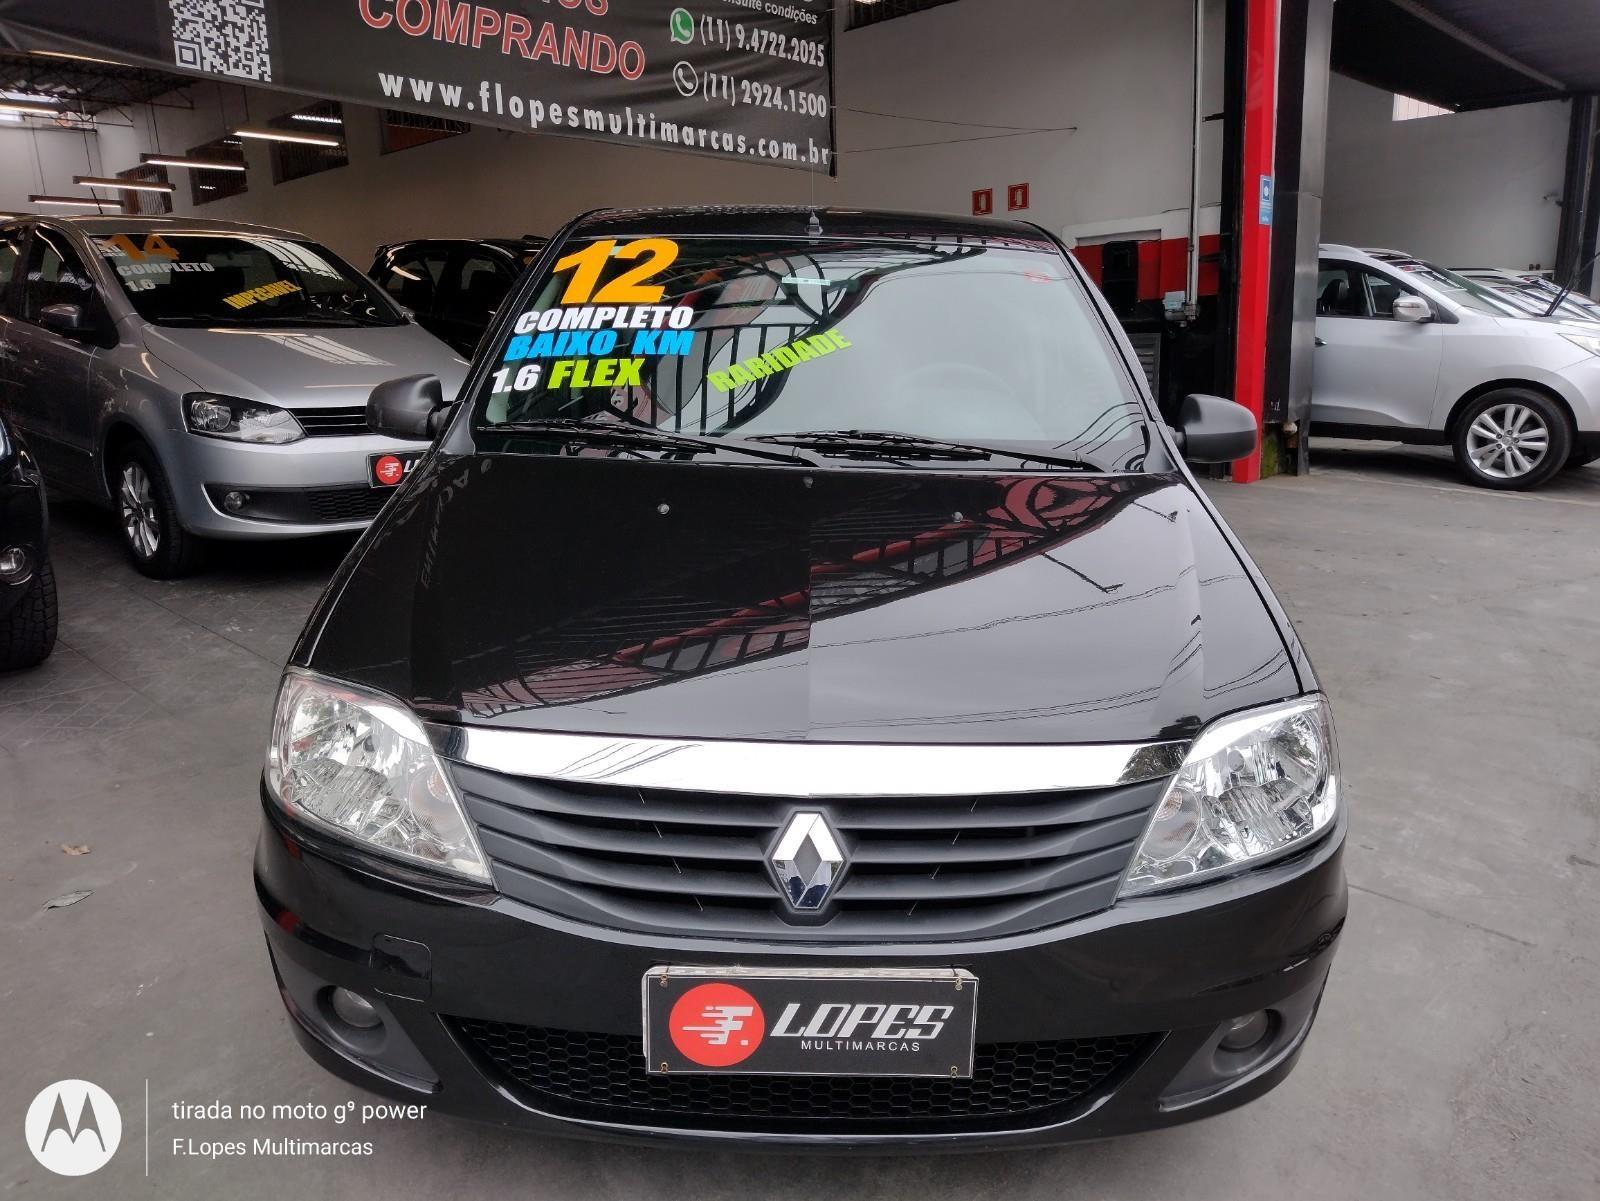 //www.autoline.com.br/carro/renault/logan-16-expression-8v-flex-4p-manual/2012/sao-paulo-sp/15810546